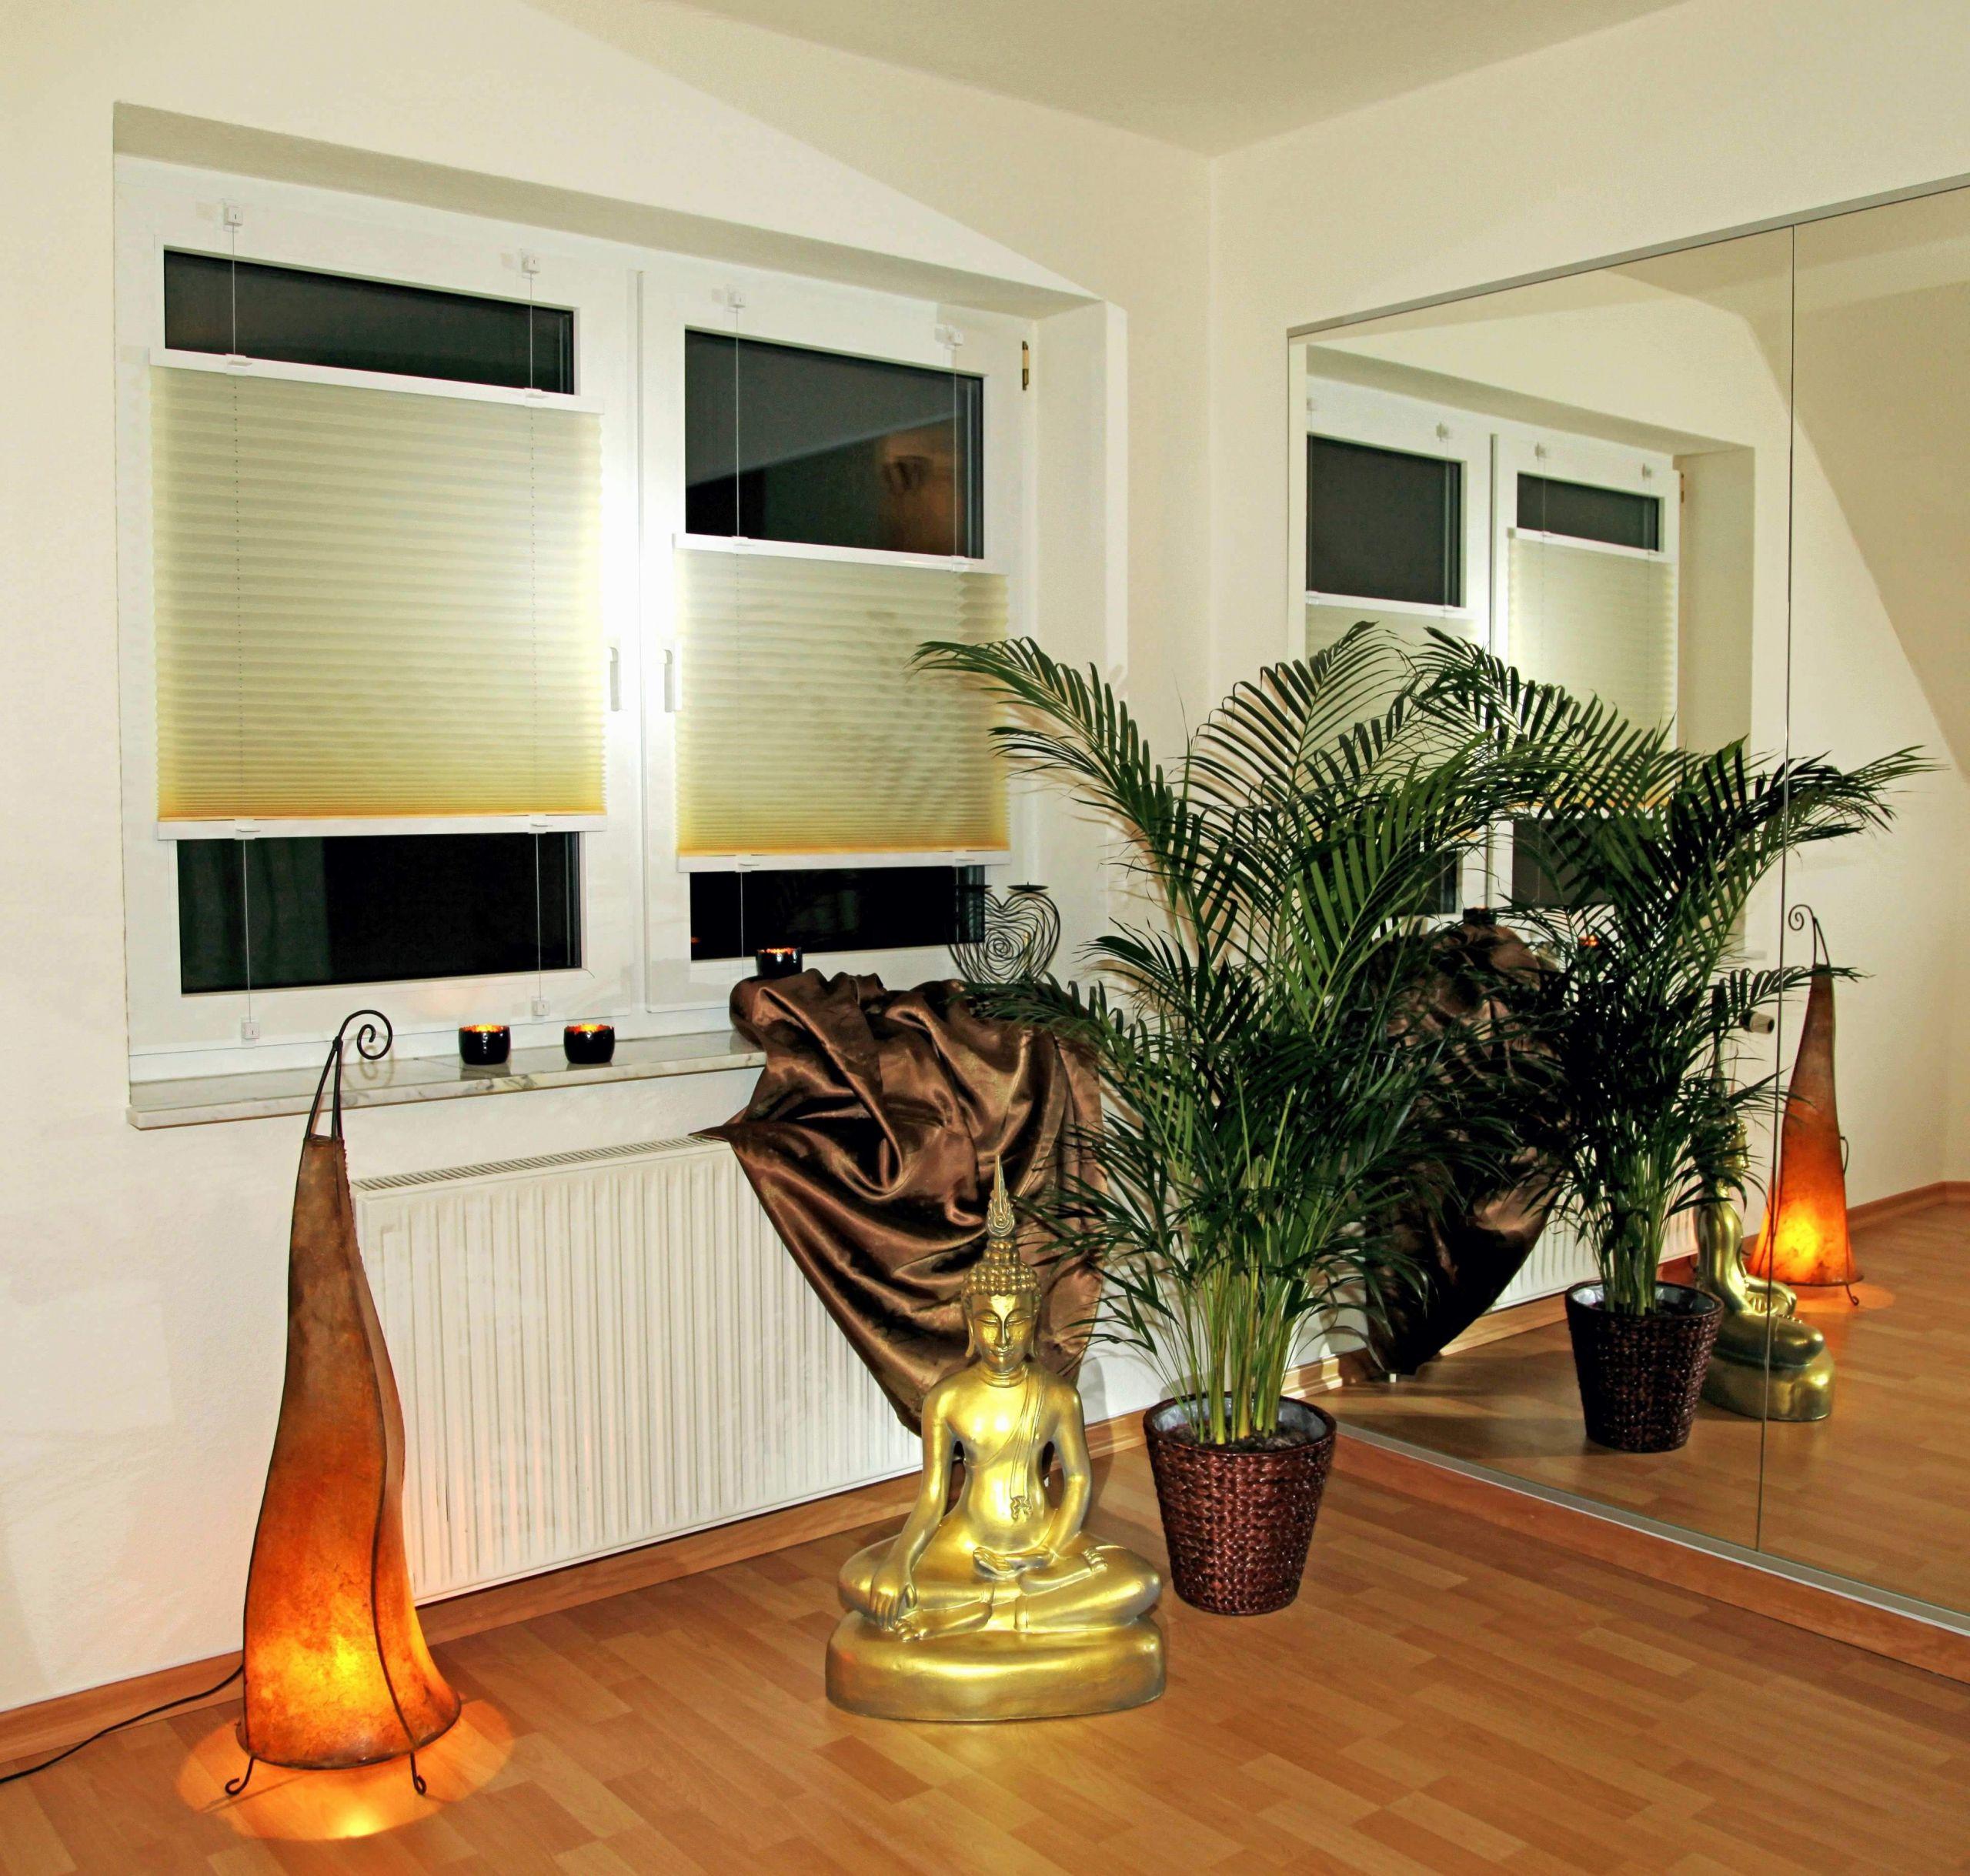 buddha deko wohnzimmer schon 50 luxus von buddha deko wohnzimmer meinung of buddha deko wohnzimmer scaled